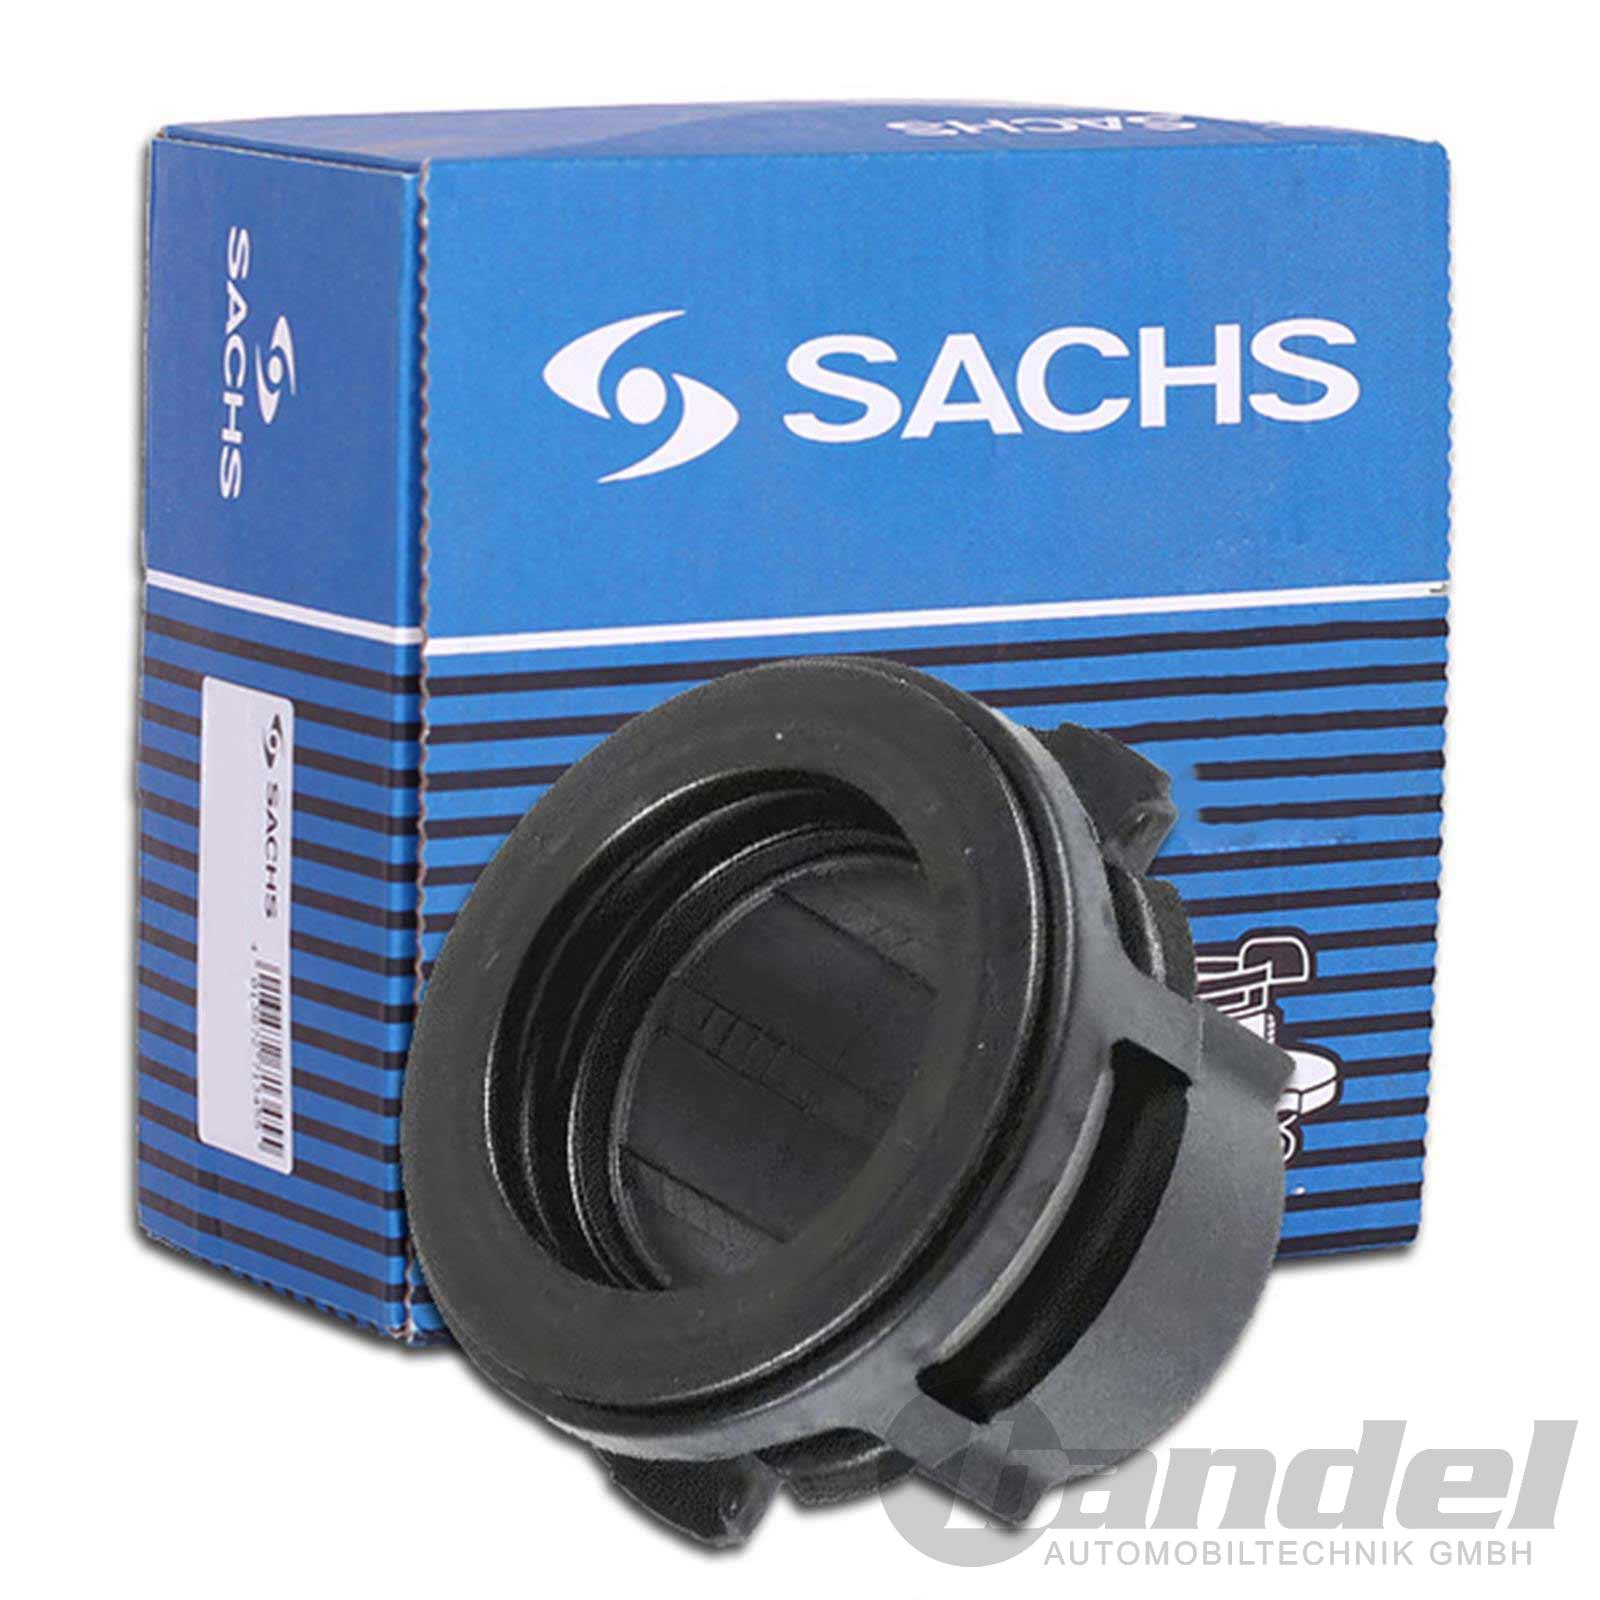 Sachs Ausrücklager 3151012031 für PORSCHE